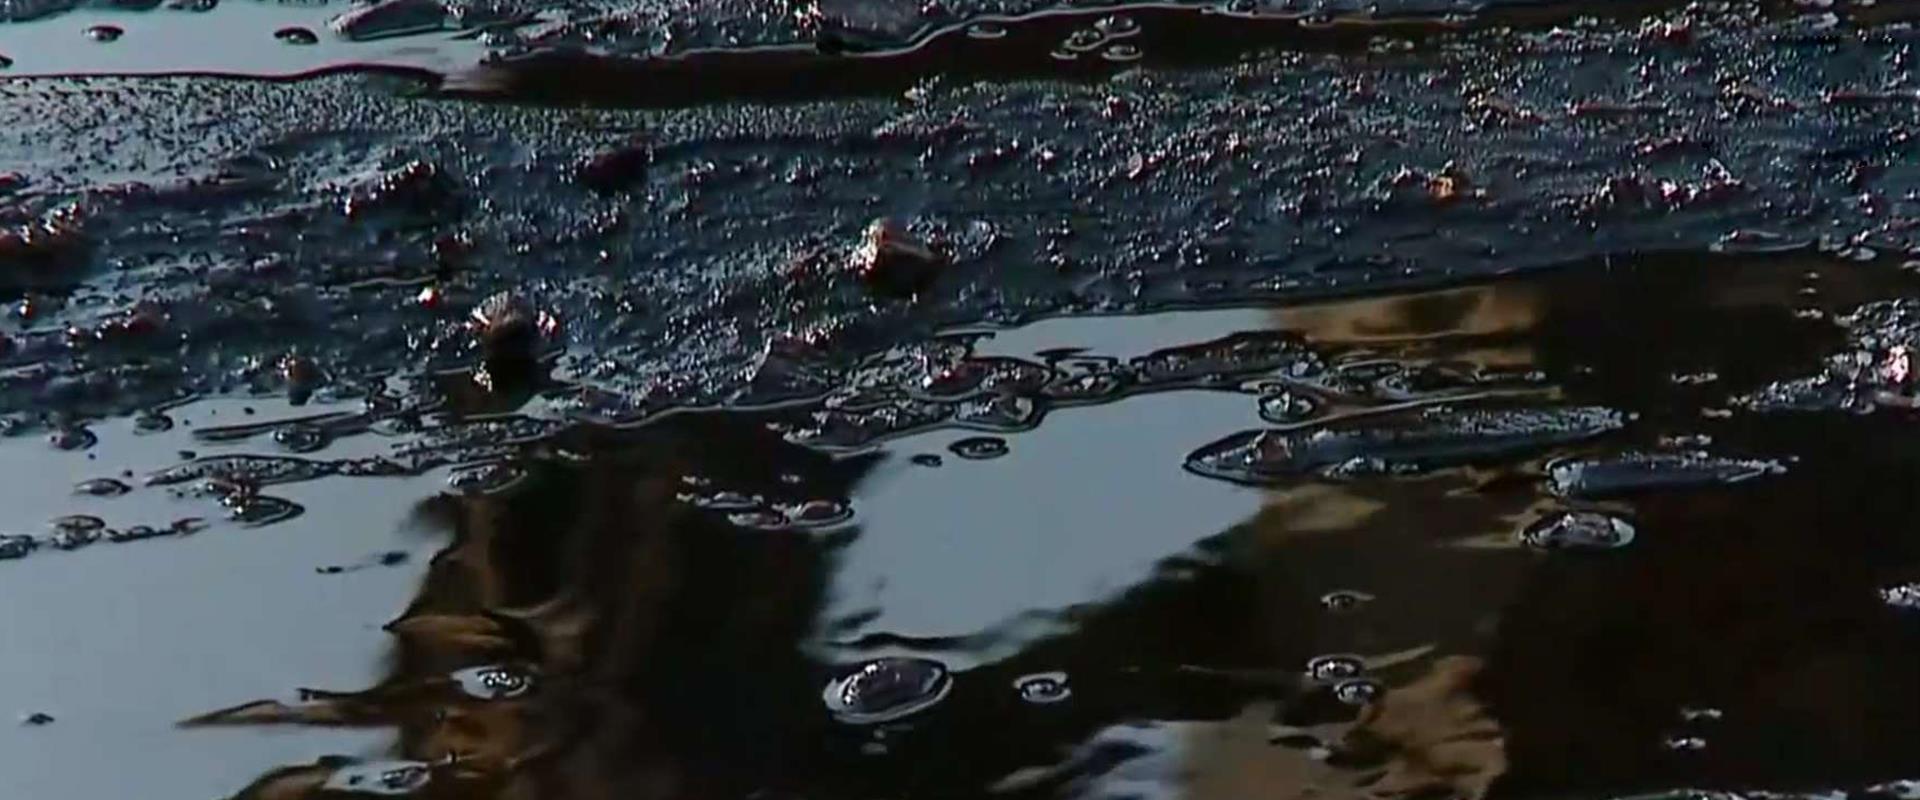 זיהום הזפת בחופים